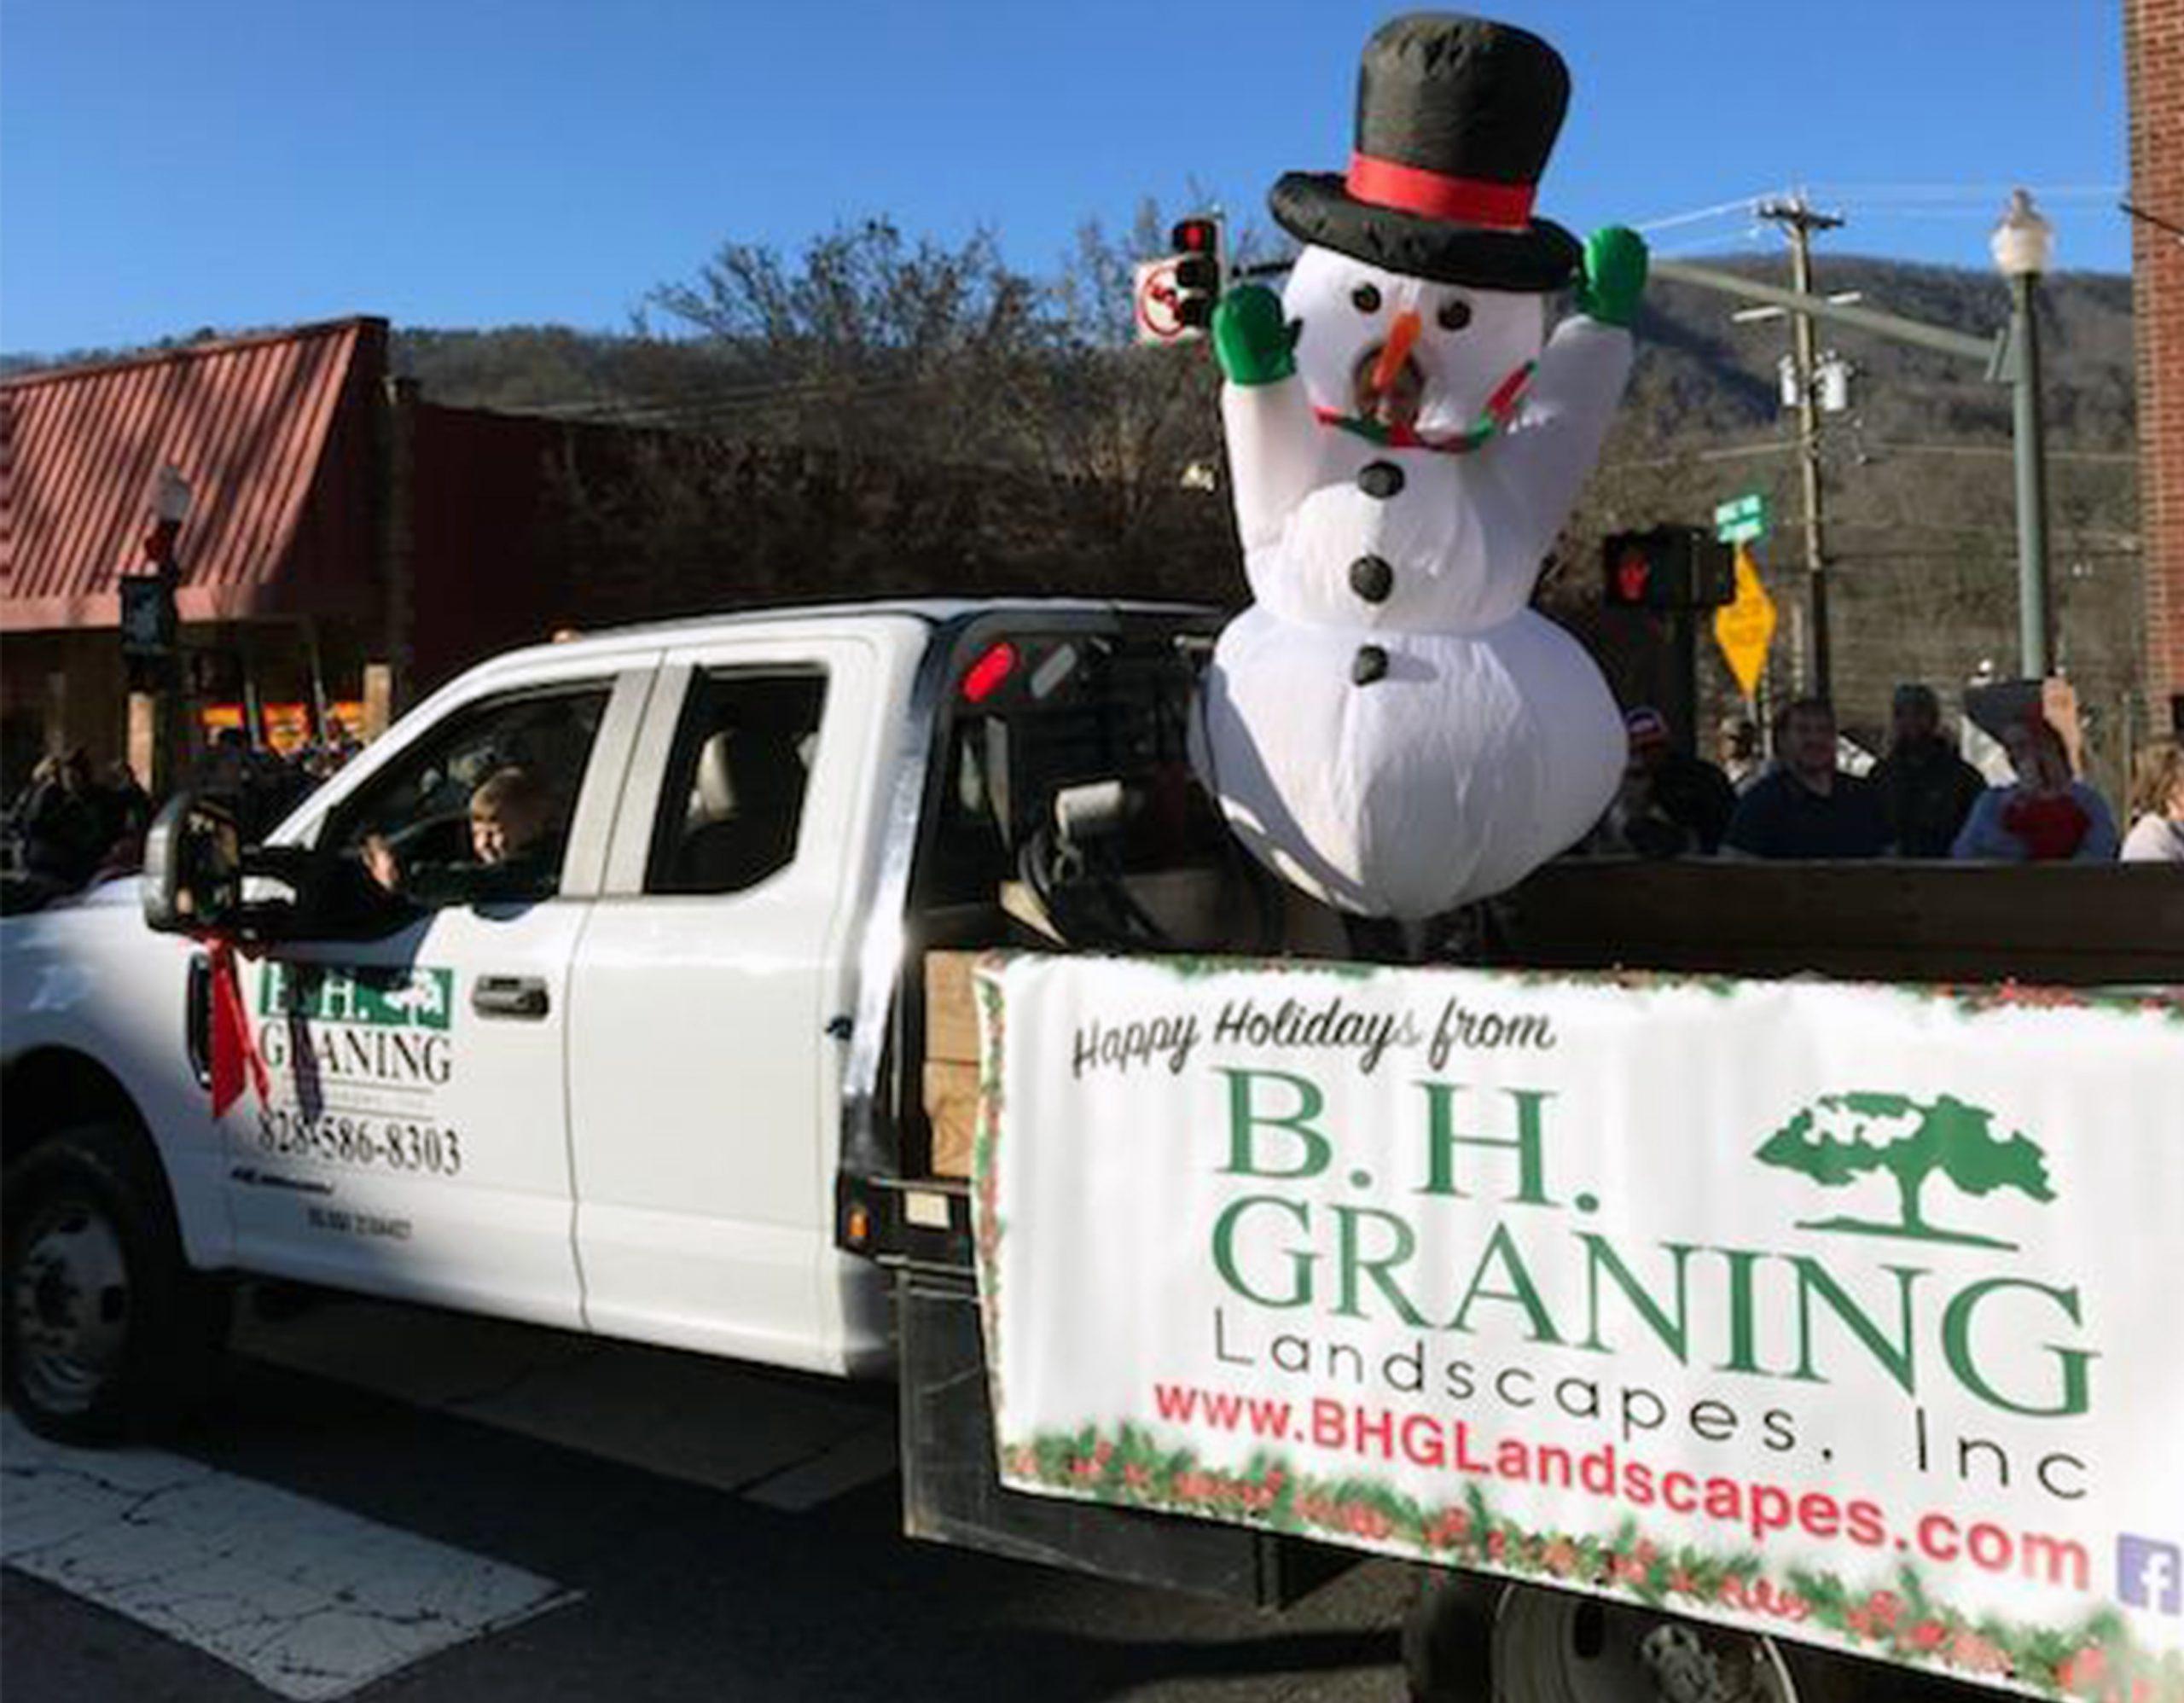 Sylva Christmas Parade 2020 2019 Sylva Christmas Parade   B. H. Graning Landscapes, Inc.